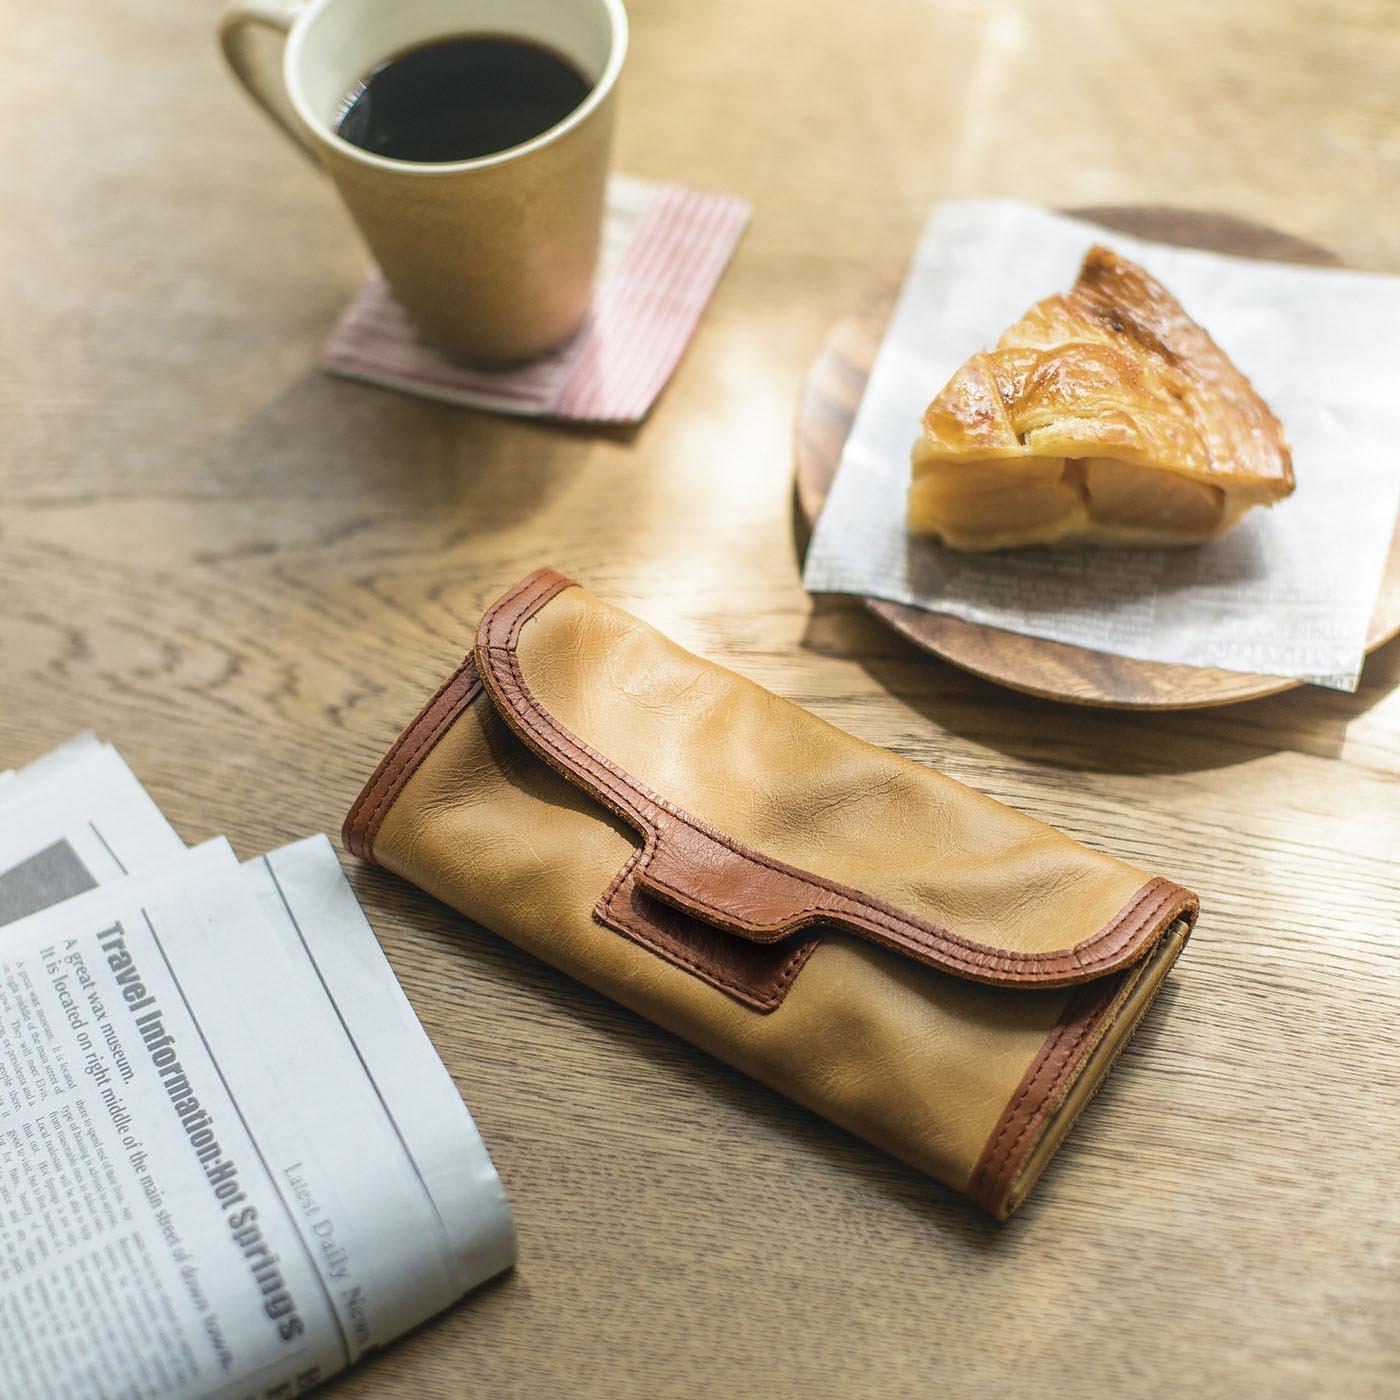 使いこむほどに愛着増す 本革長財布 (アップルパイキャメル)[本革 財布:日本製]